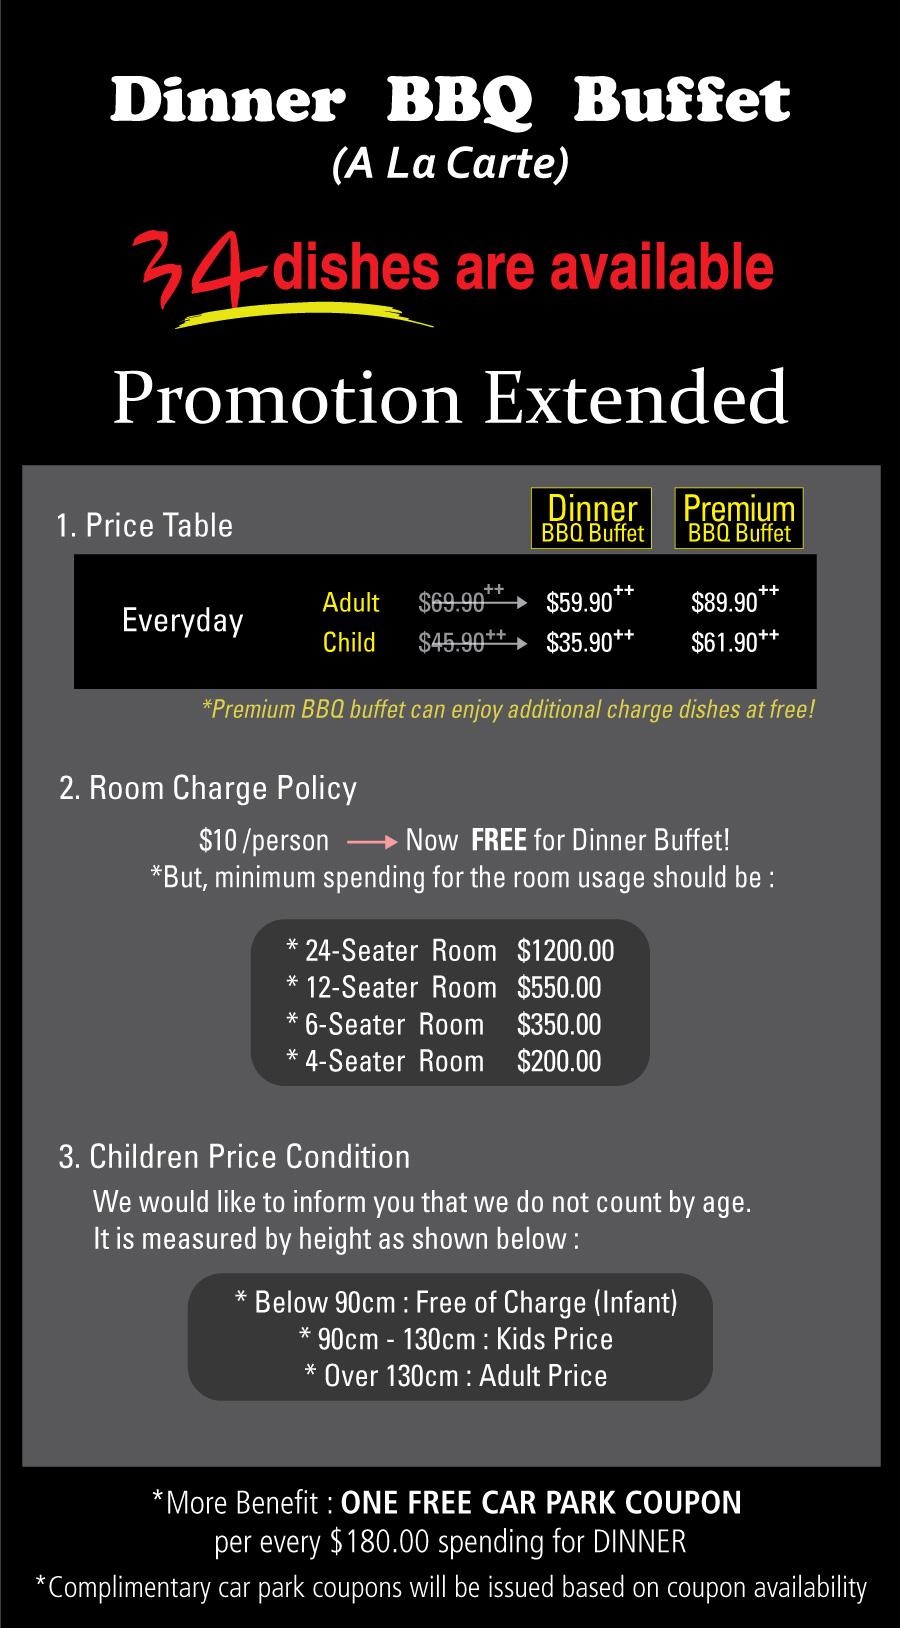 dinner-buffet-pricetable-060217